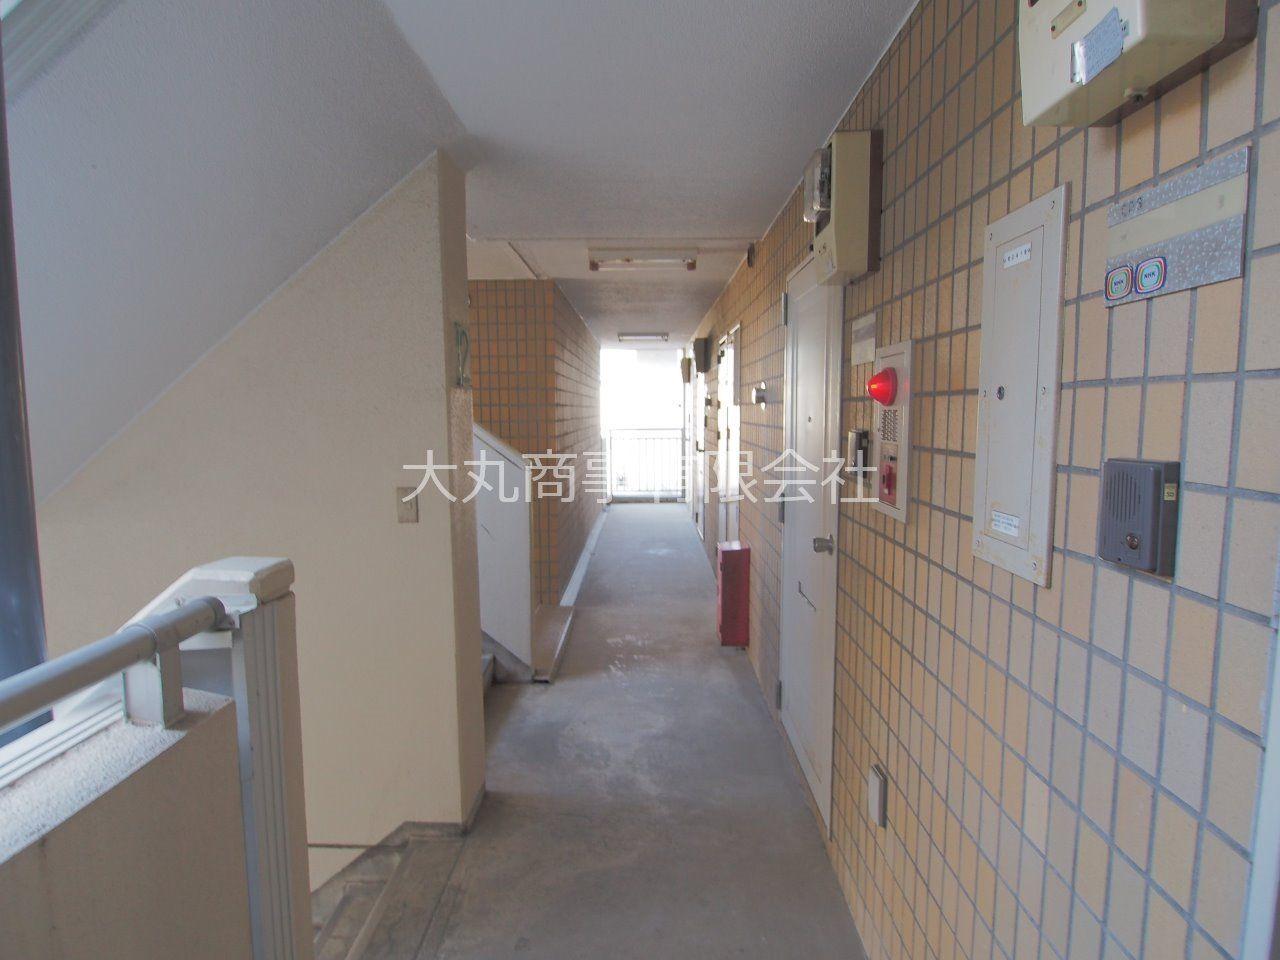 コの字型に配置された建物で、外部から共用廊下は見えない構造